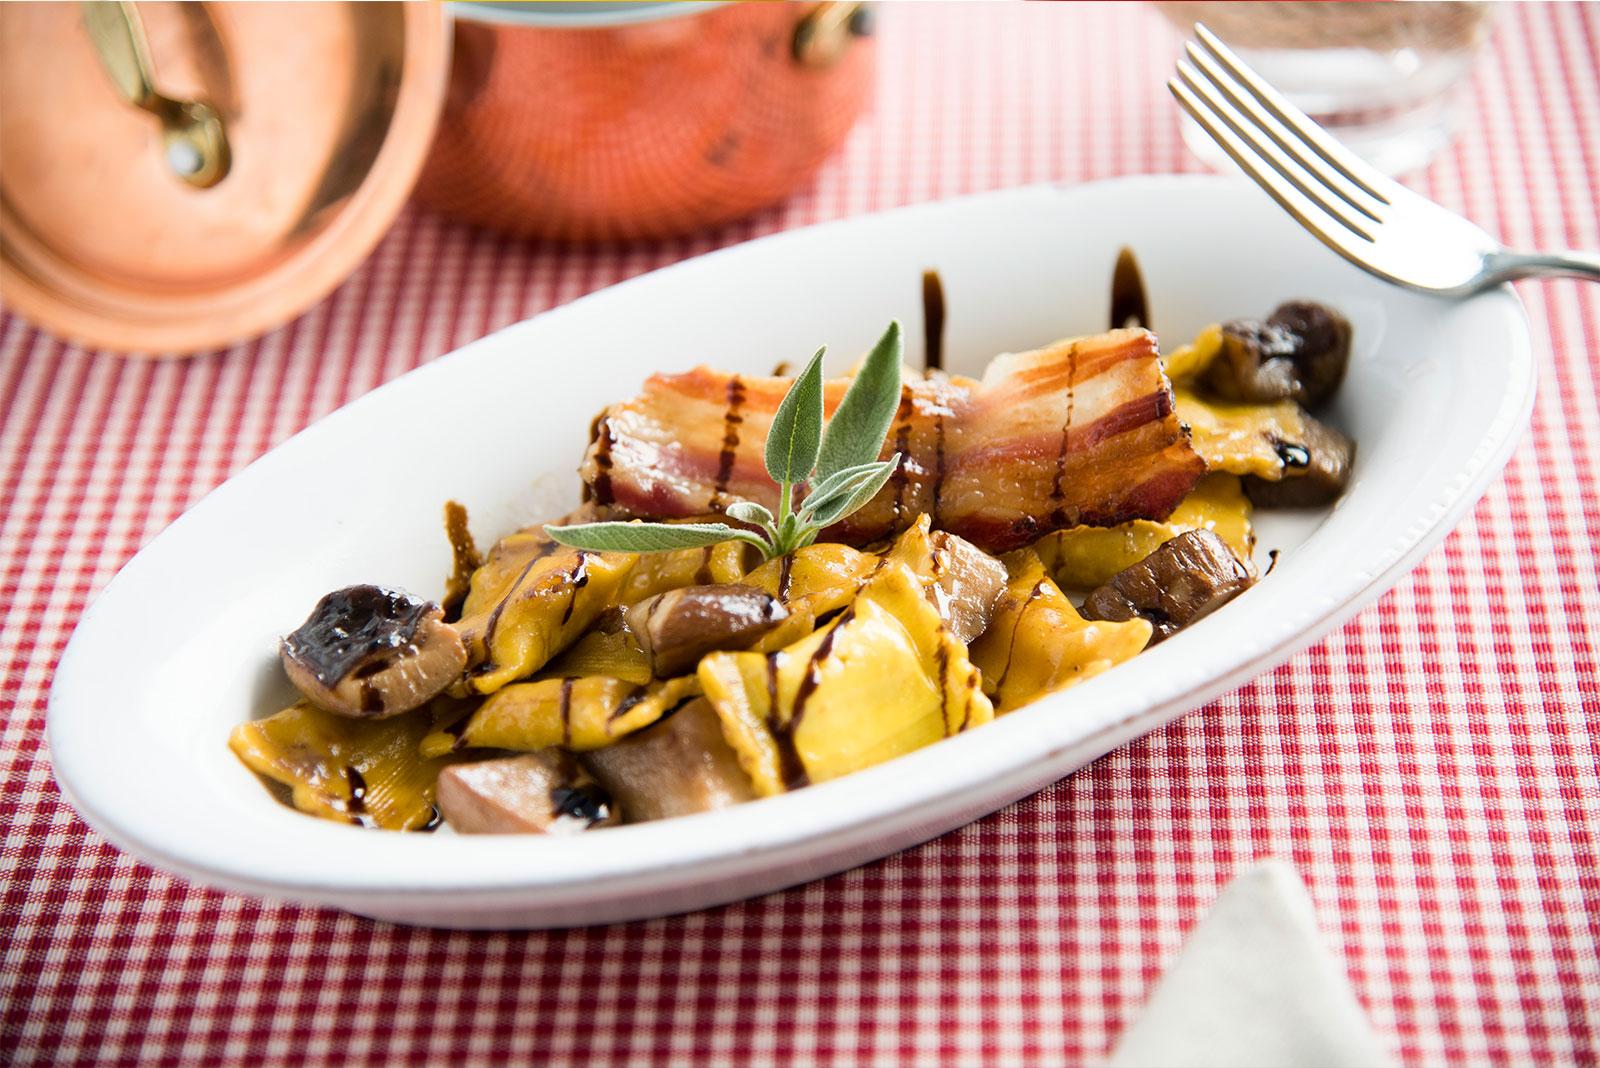 Bustini al Brasato con Salsa di Funghi porcini, Pancetta Tostata e glassa di aceto balsamico - Pasta di Venezia